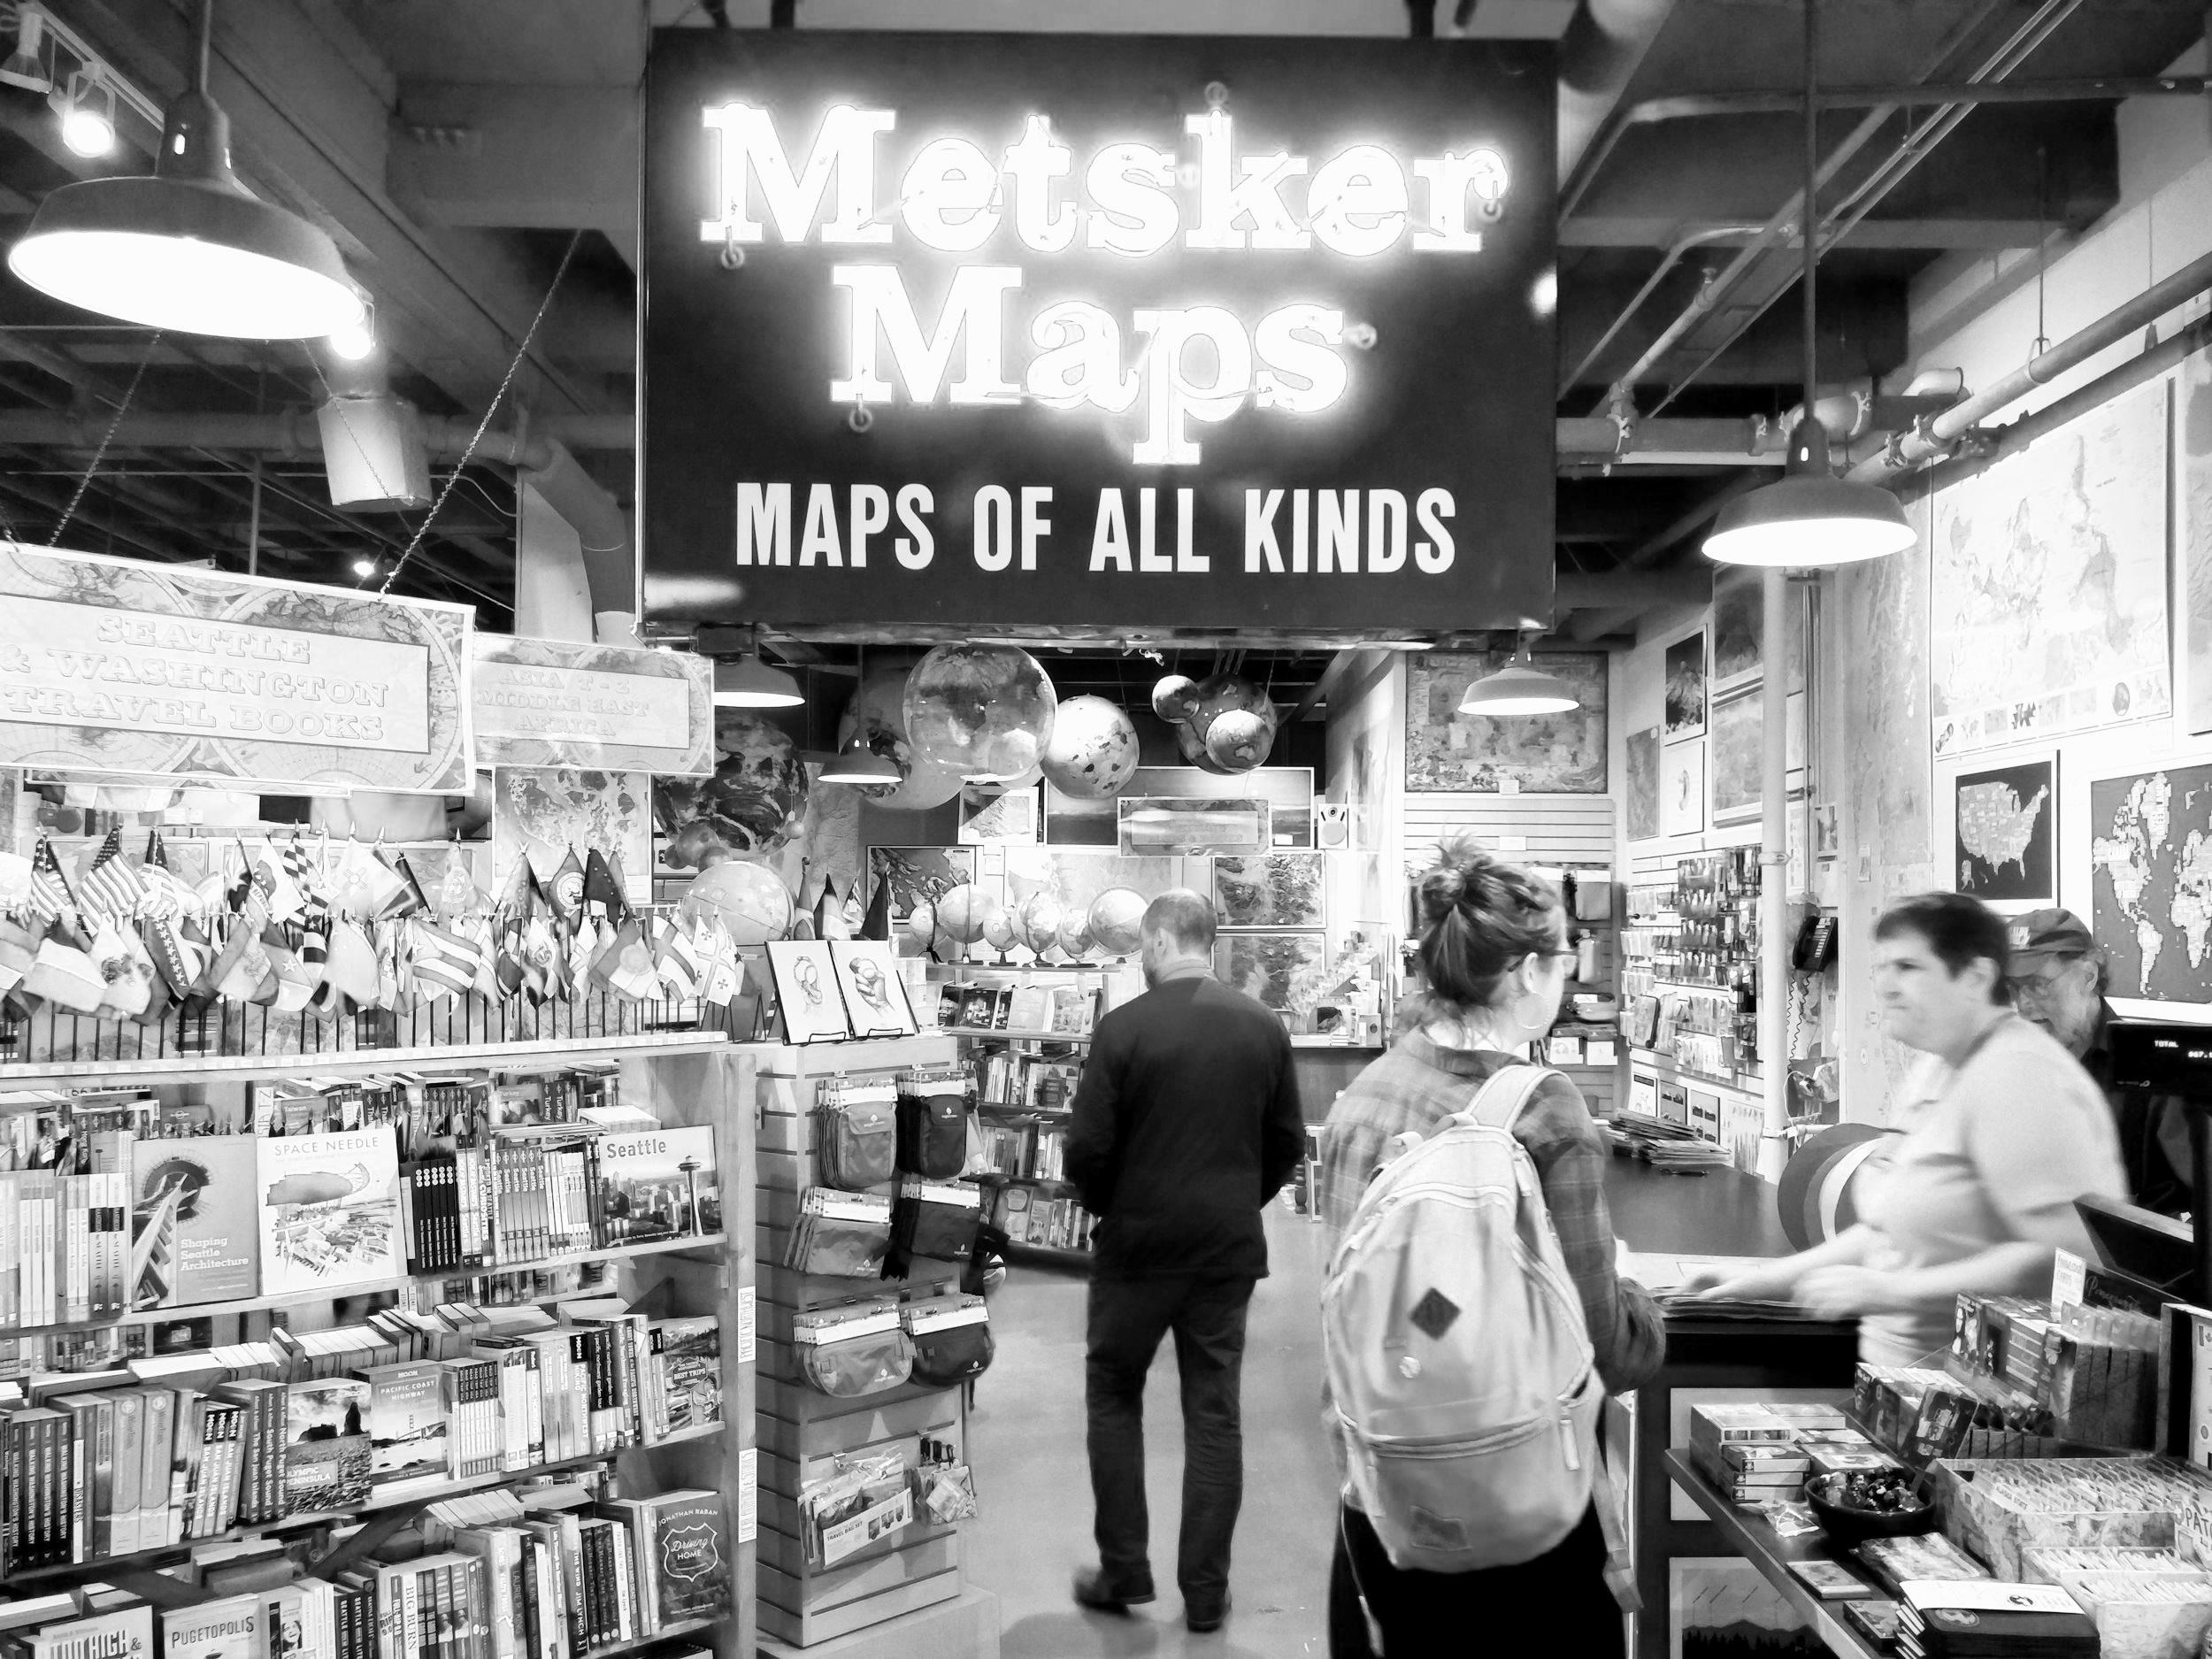 Metsker Maps in Seattle's Pike Place Market